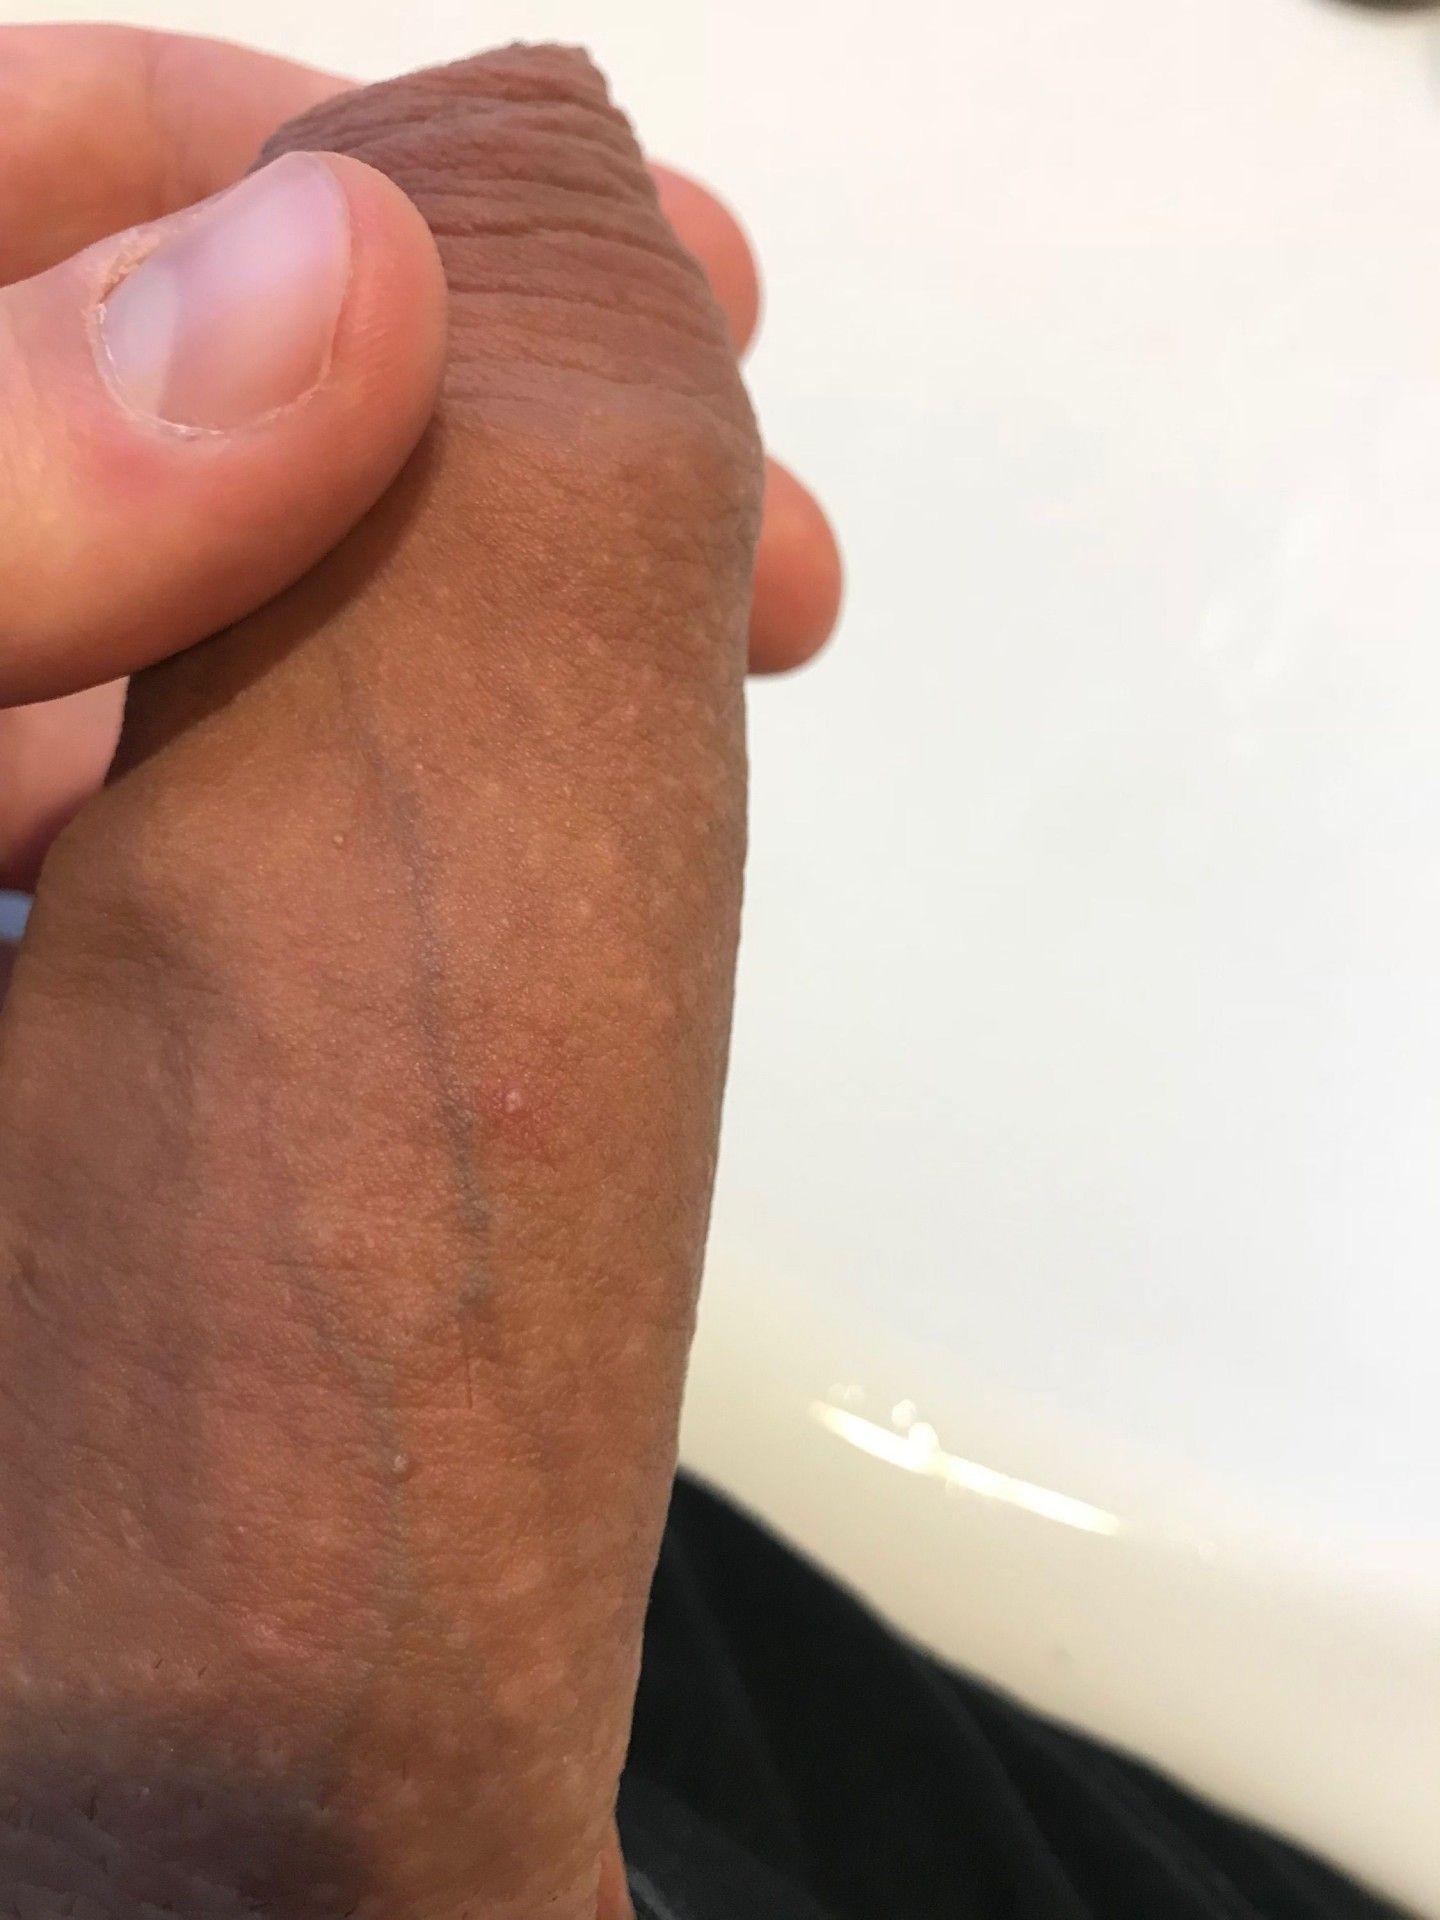 Fotky penisu